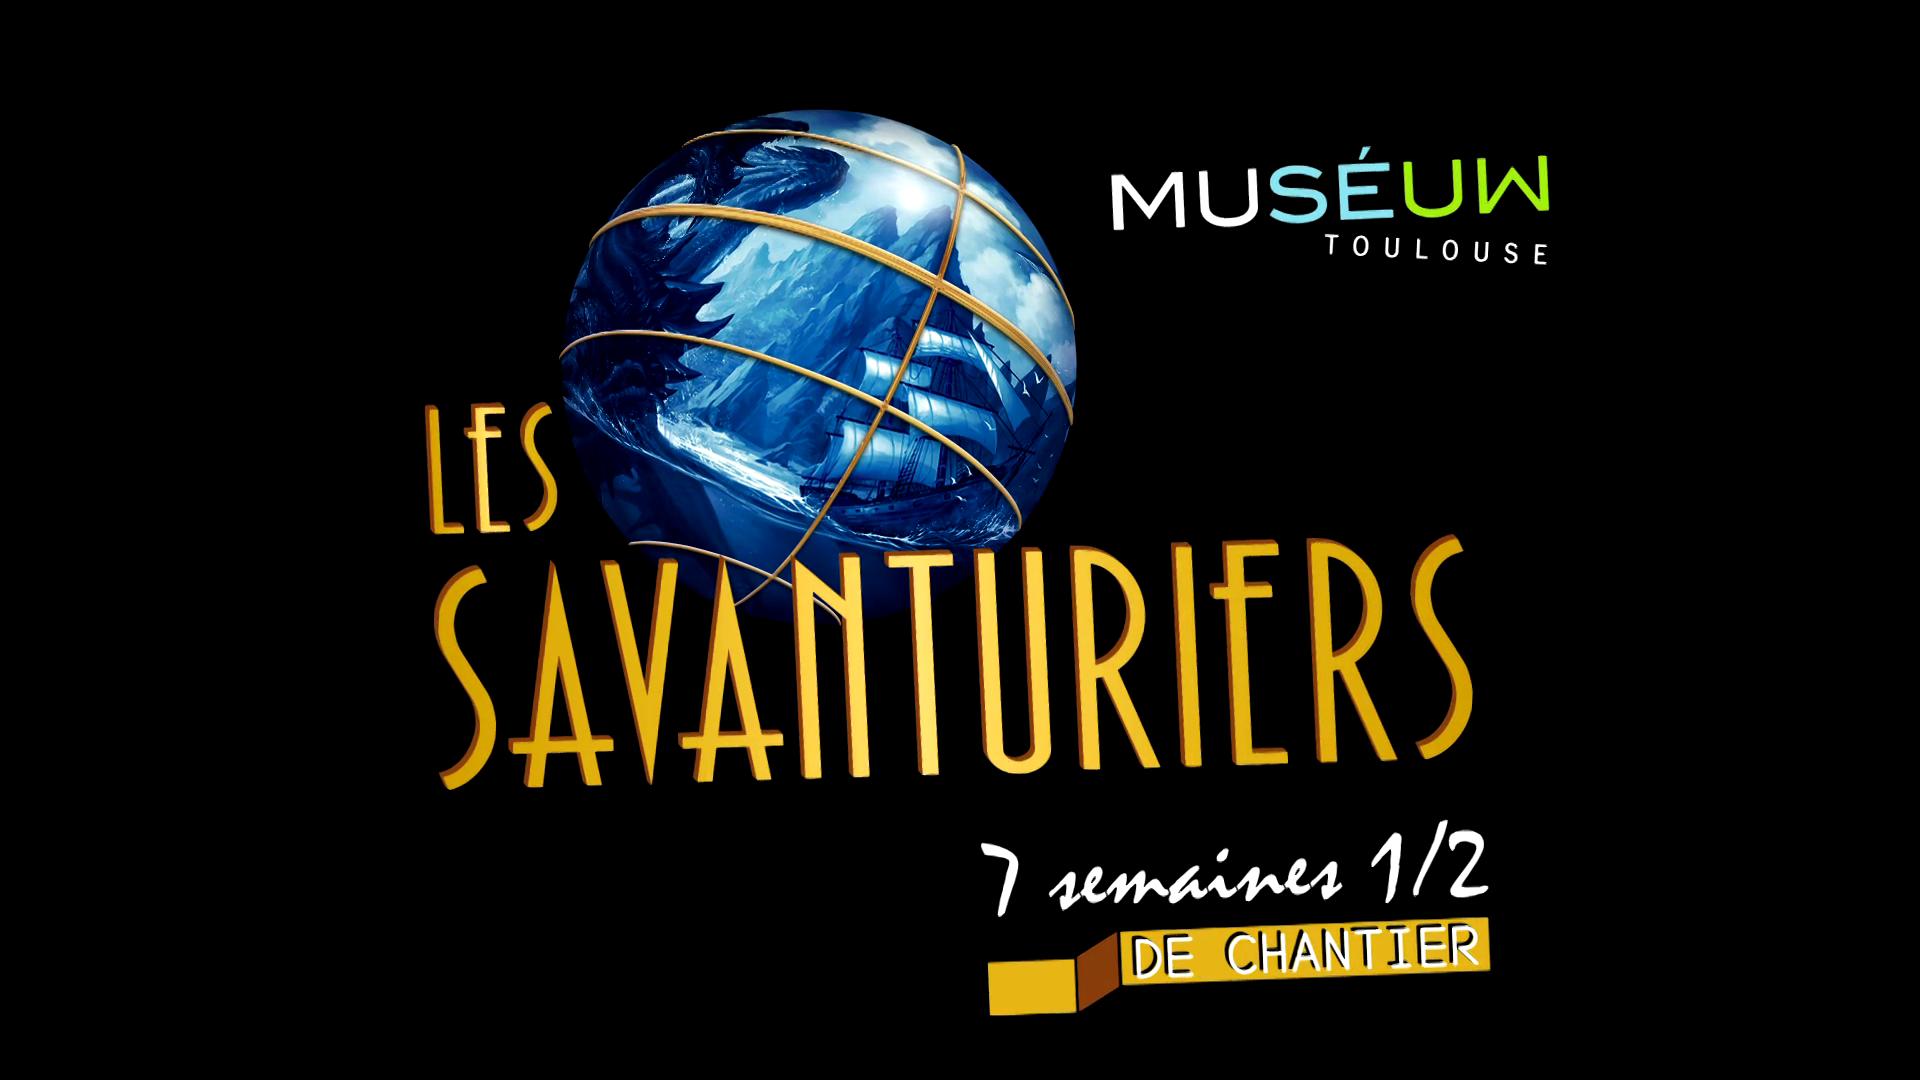 Les Savanturiers, 7 semaines 1/2 de chantier !